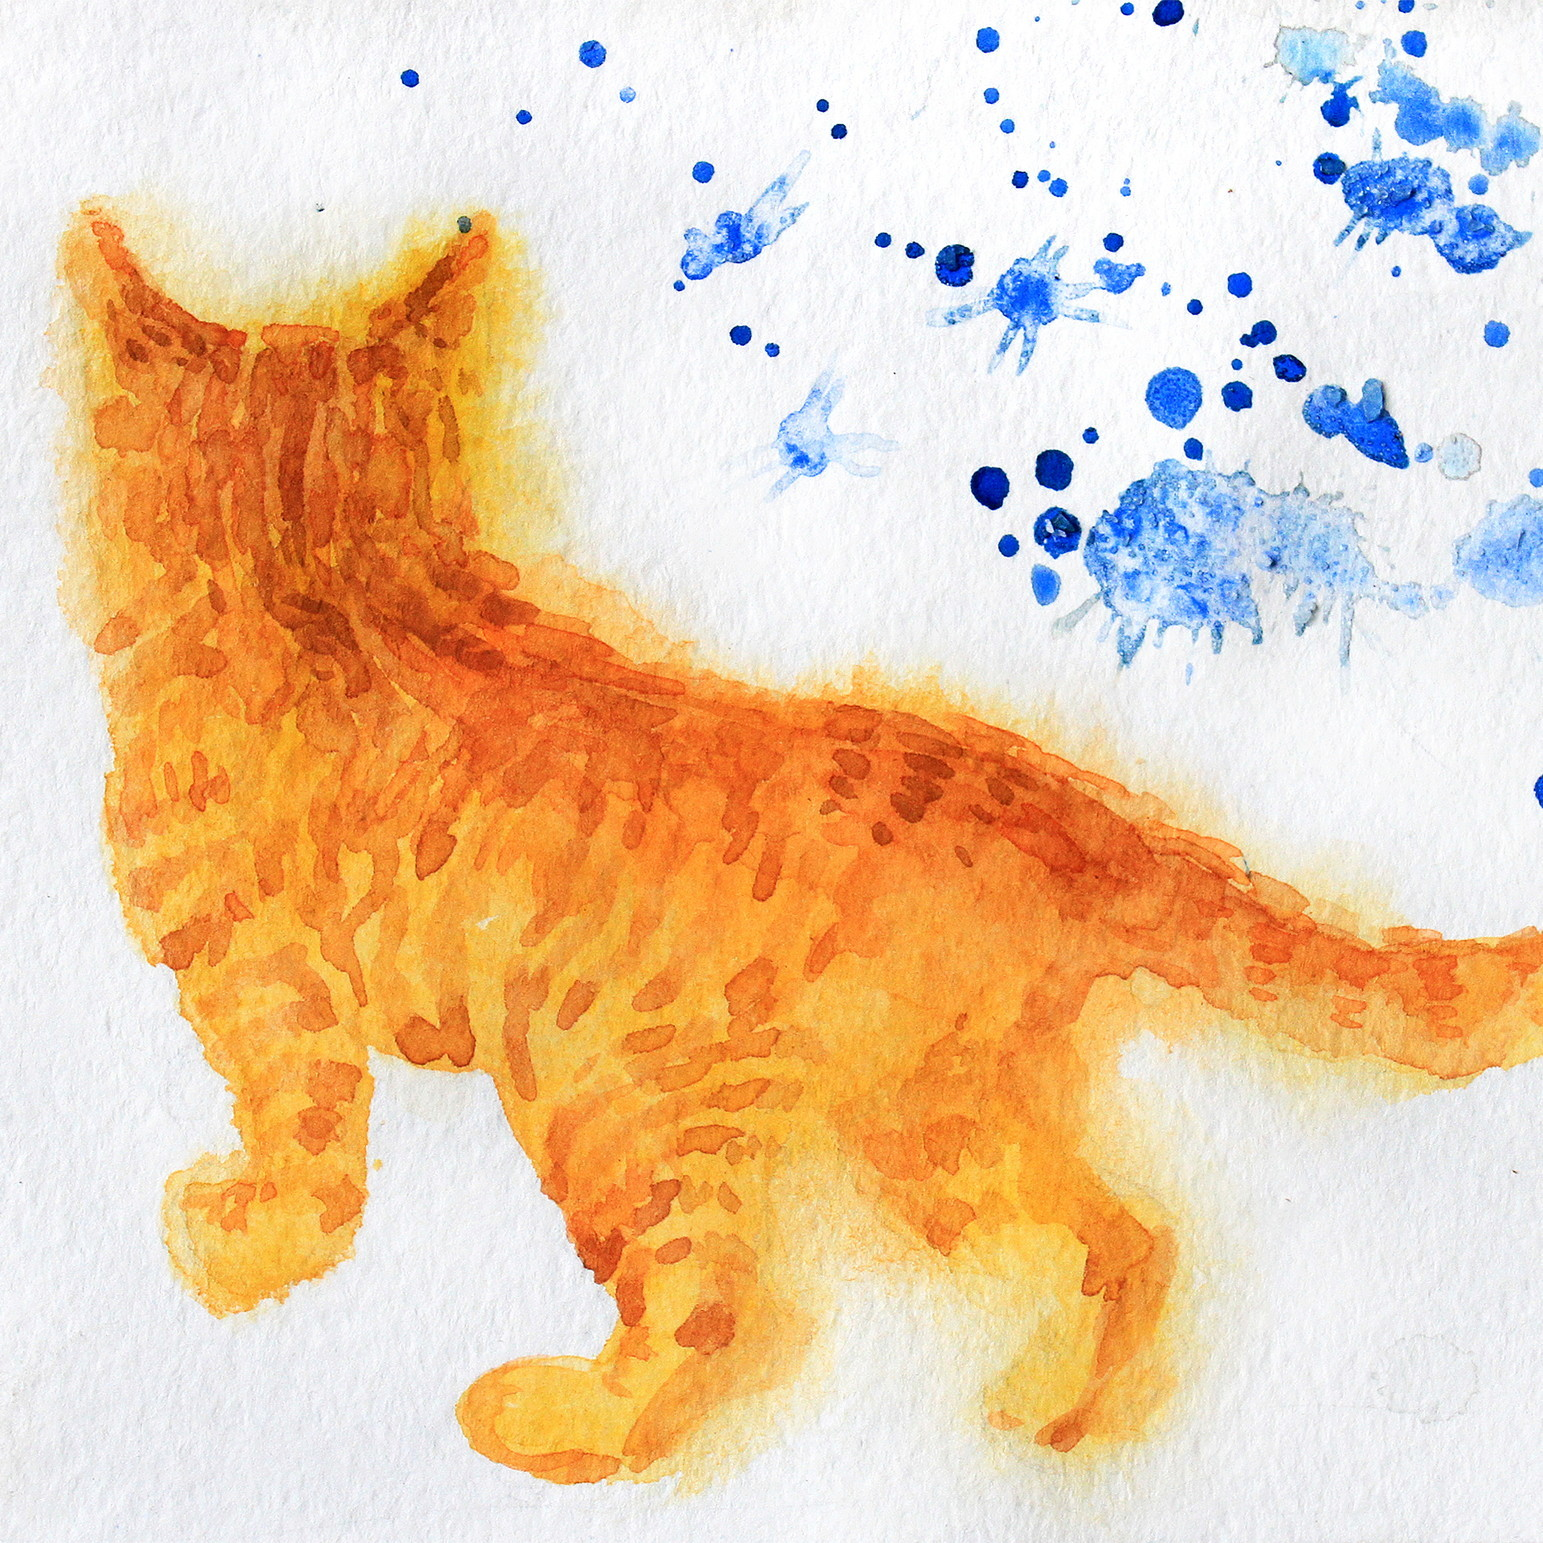 絵画 インテリア アートパネル 雑貨 壁掛け 置物 おしゃれ 油絵 水彩画 鉛筆画 猫 動物 ロココロ 画家 : Uliana ( ウリャーナ ) 作品 : u-1